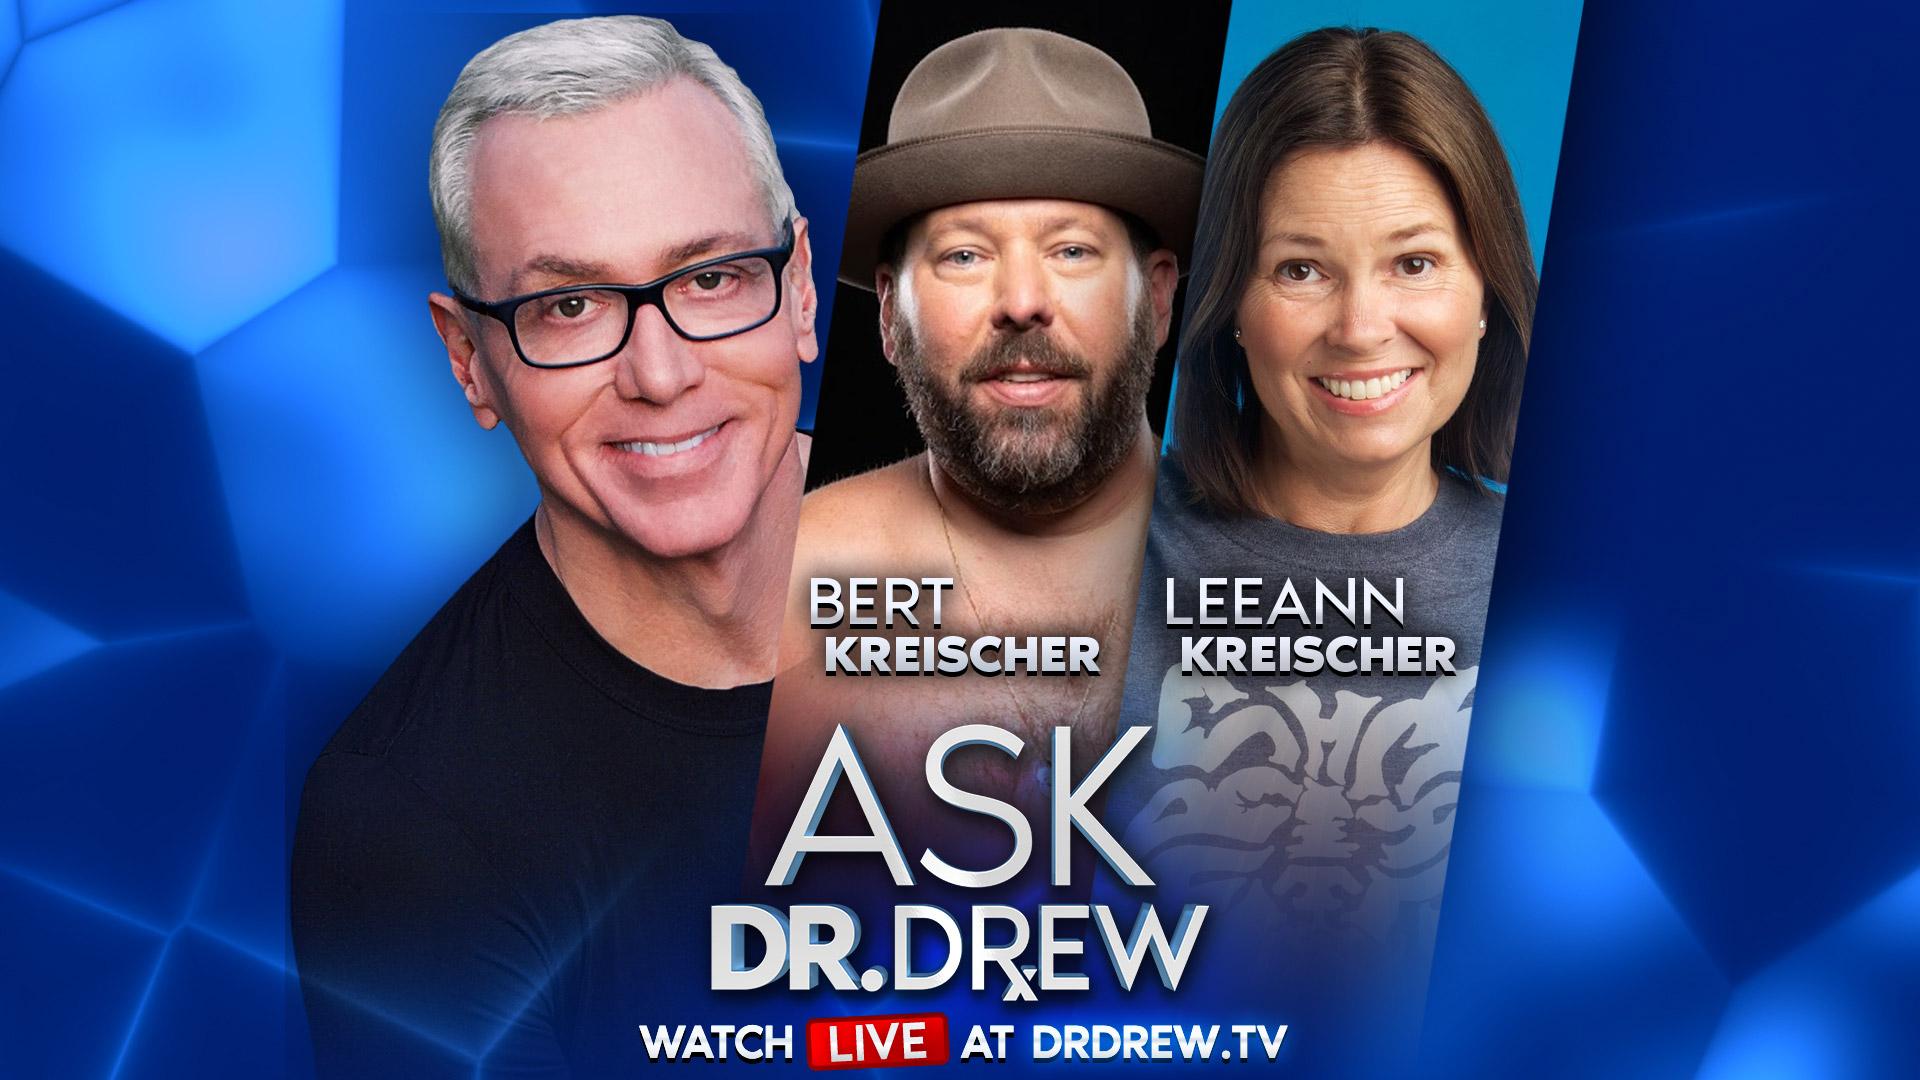 Bert Kreischer & LeeAnn Kreischer – Ask Dr. Drew